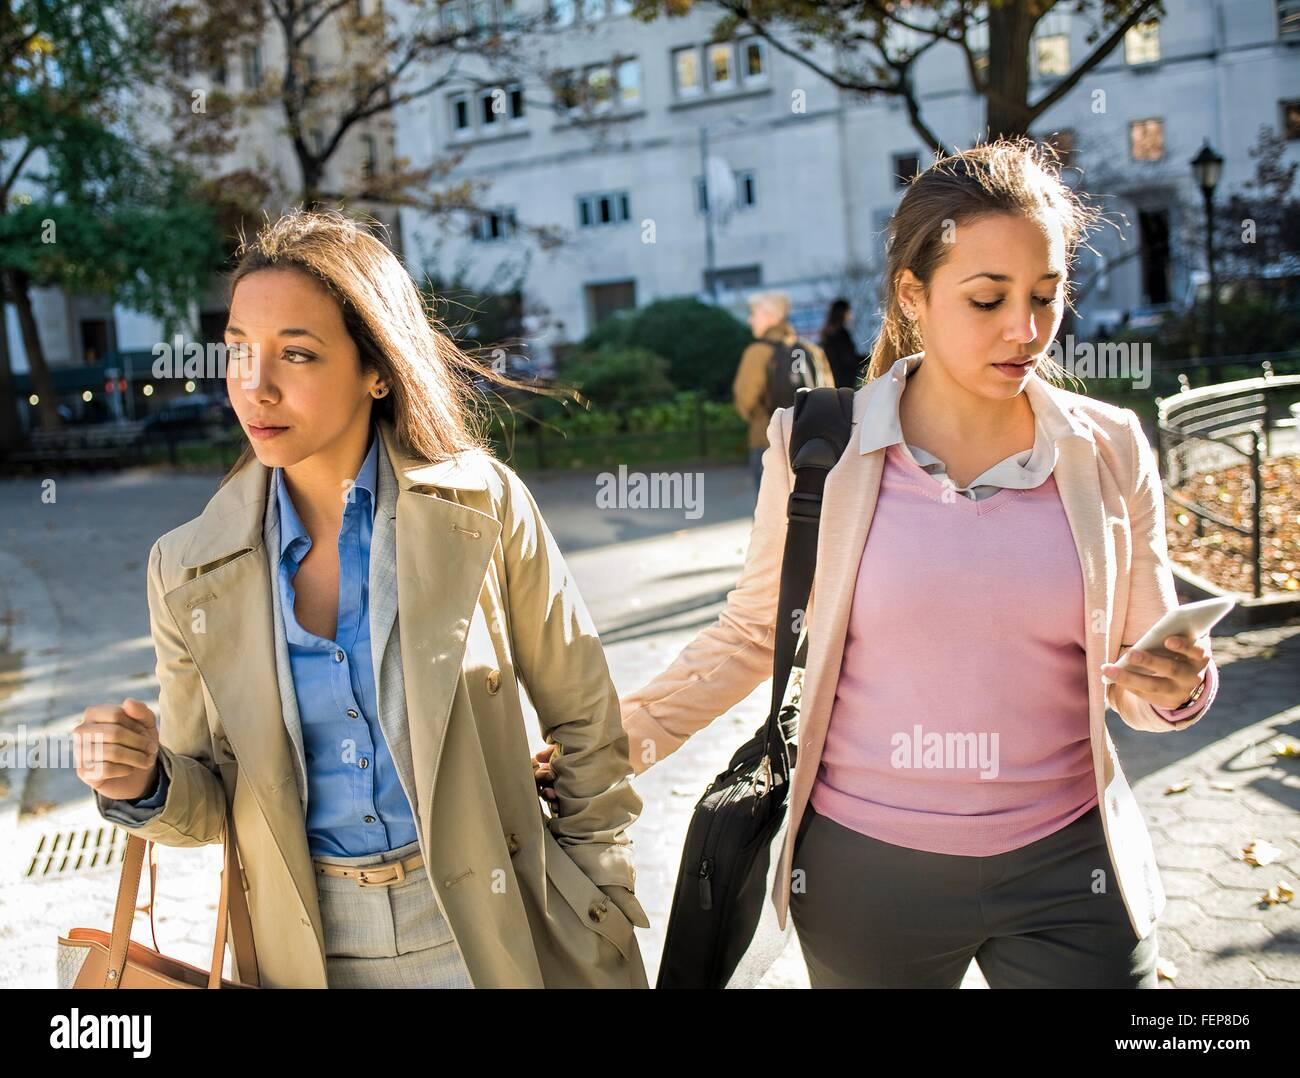 Junge Erwachsene weibliche Zwillinge gehen Arm in Arm durch den Stadtpark Stockbild